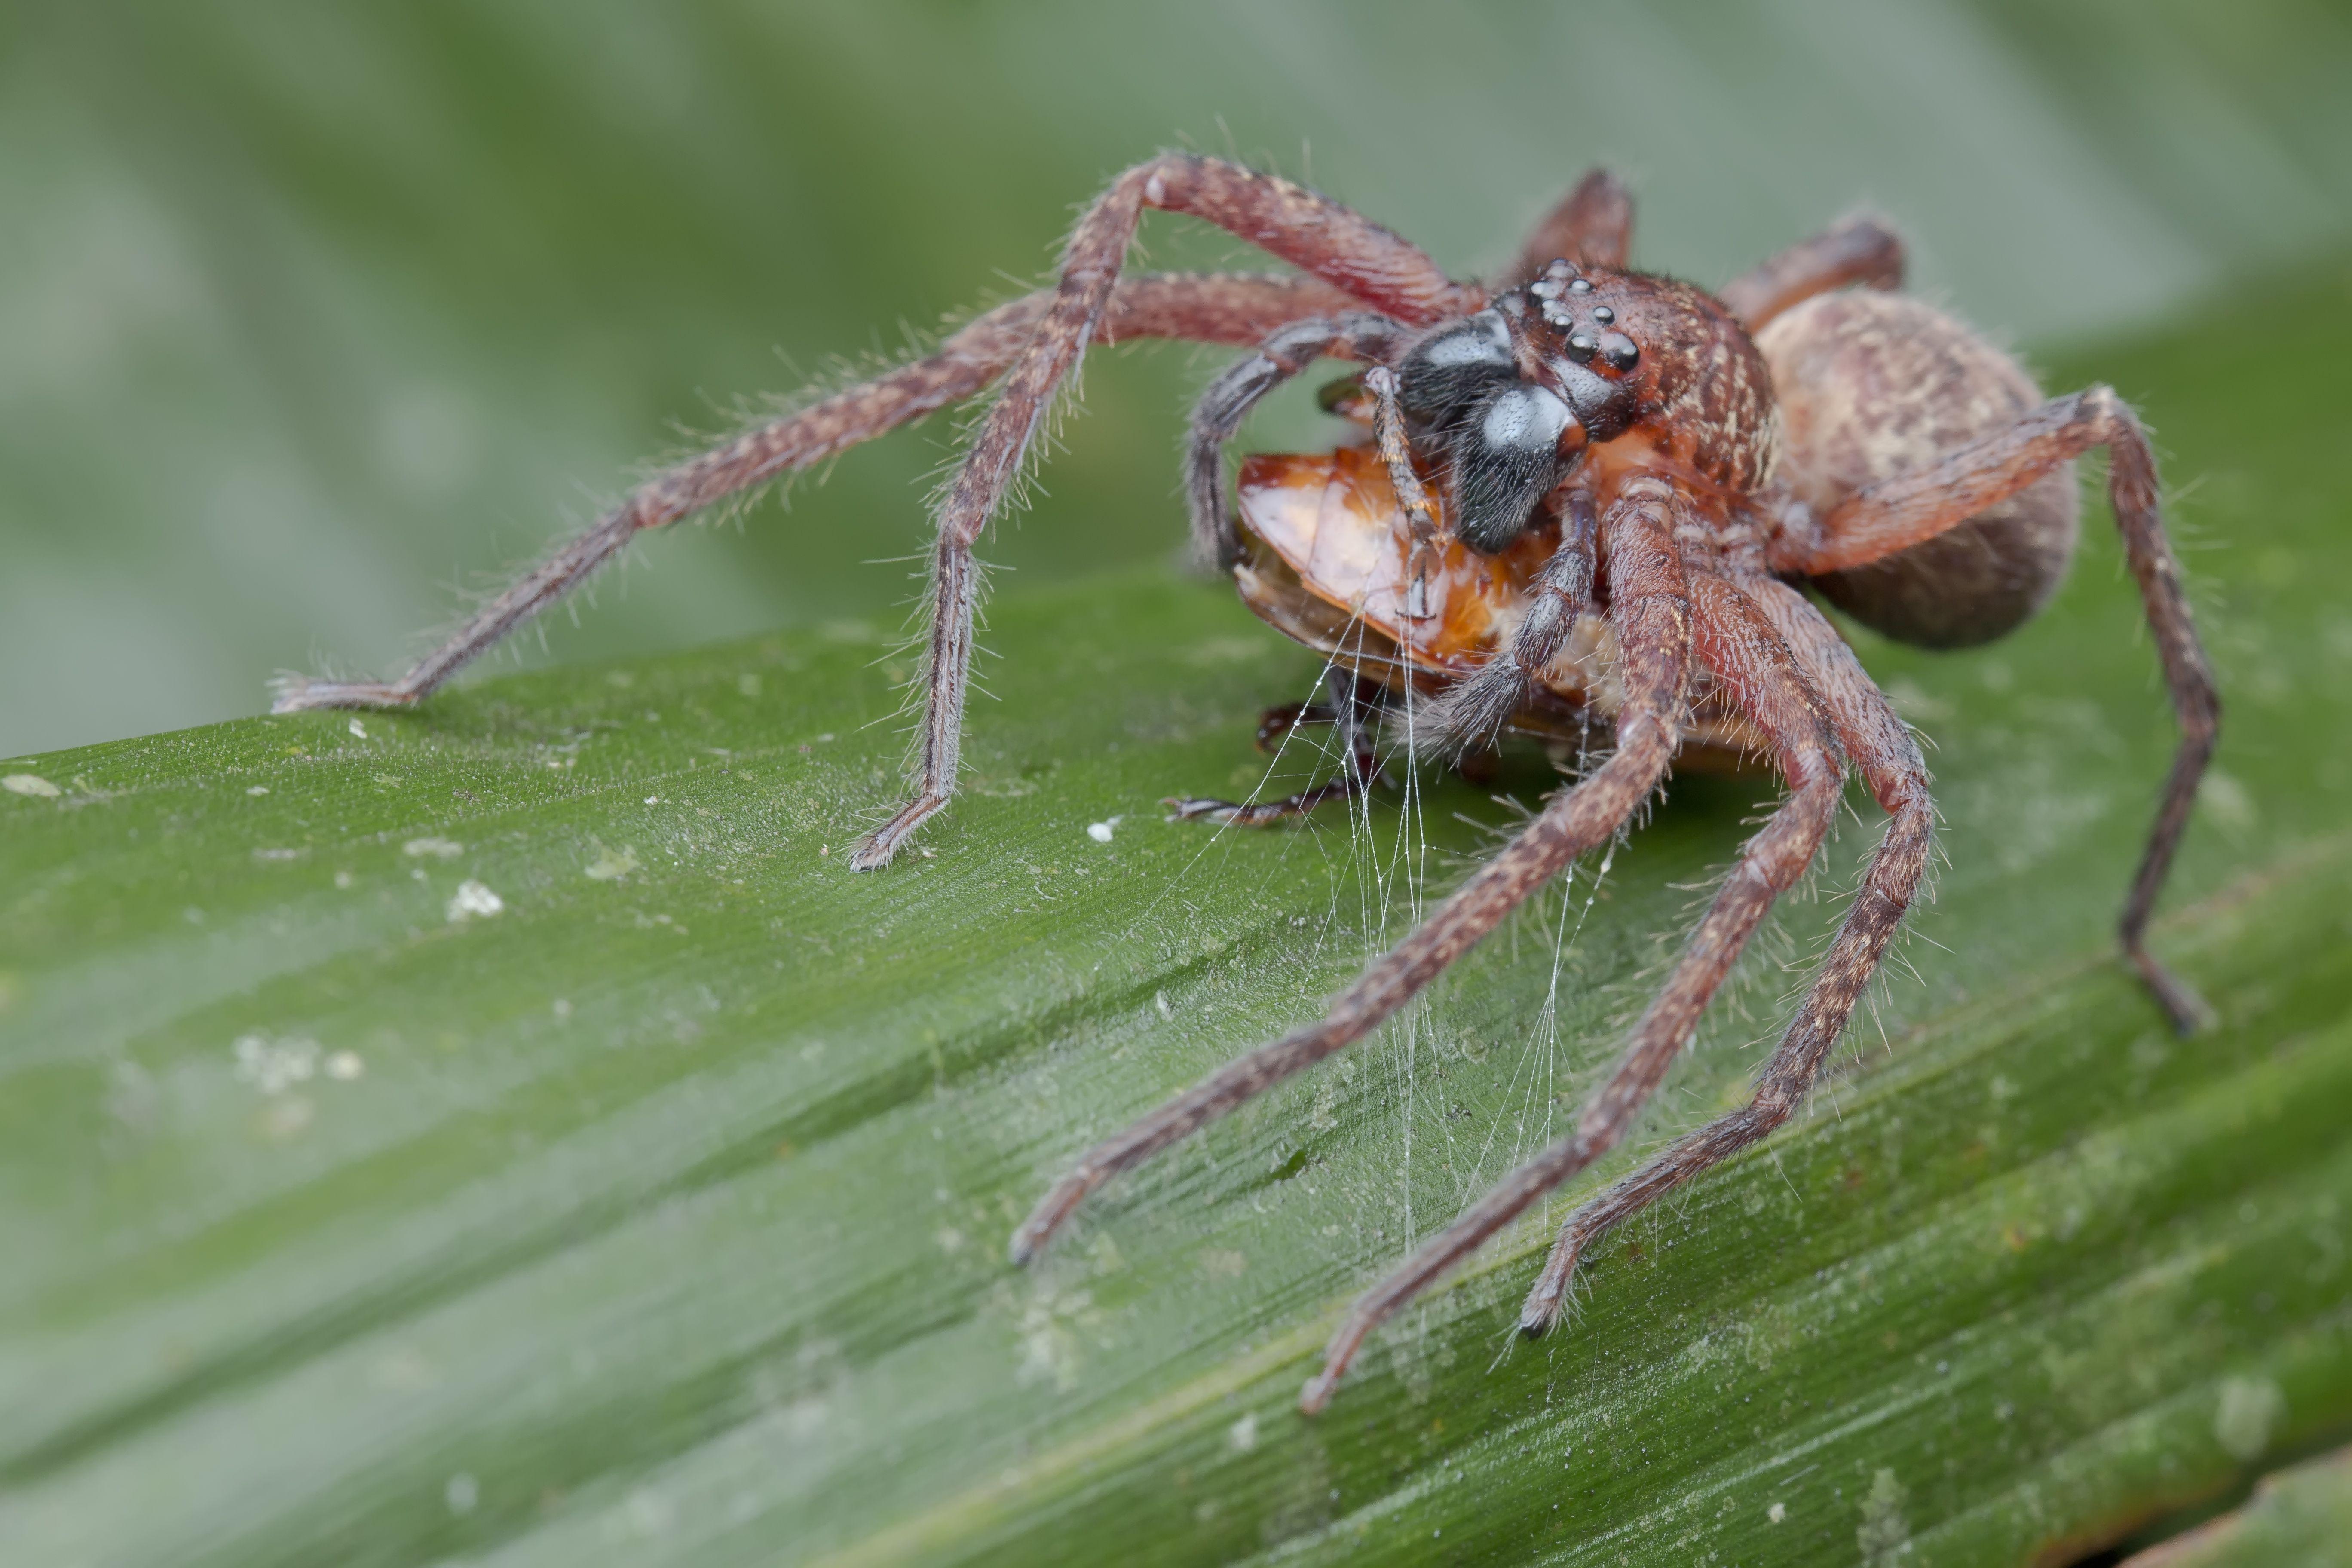 Huntsman spider (Heteropoda sp.) with beetle prey, Ulu Selangor, Selangor, Malaysia.